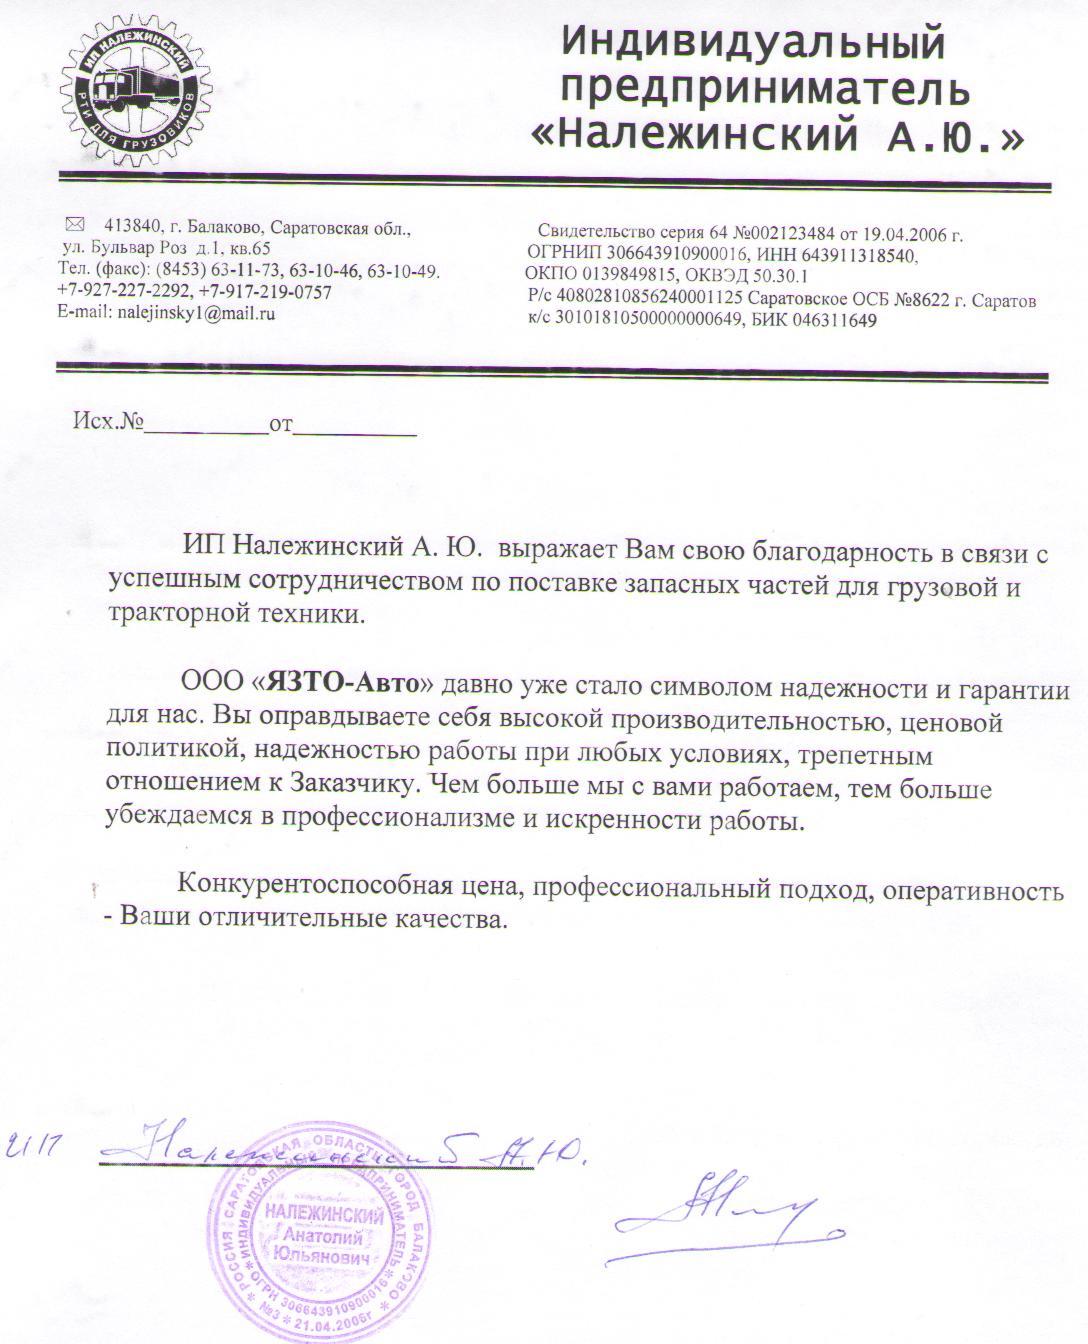 Отзыв Належинский